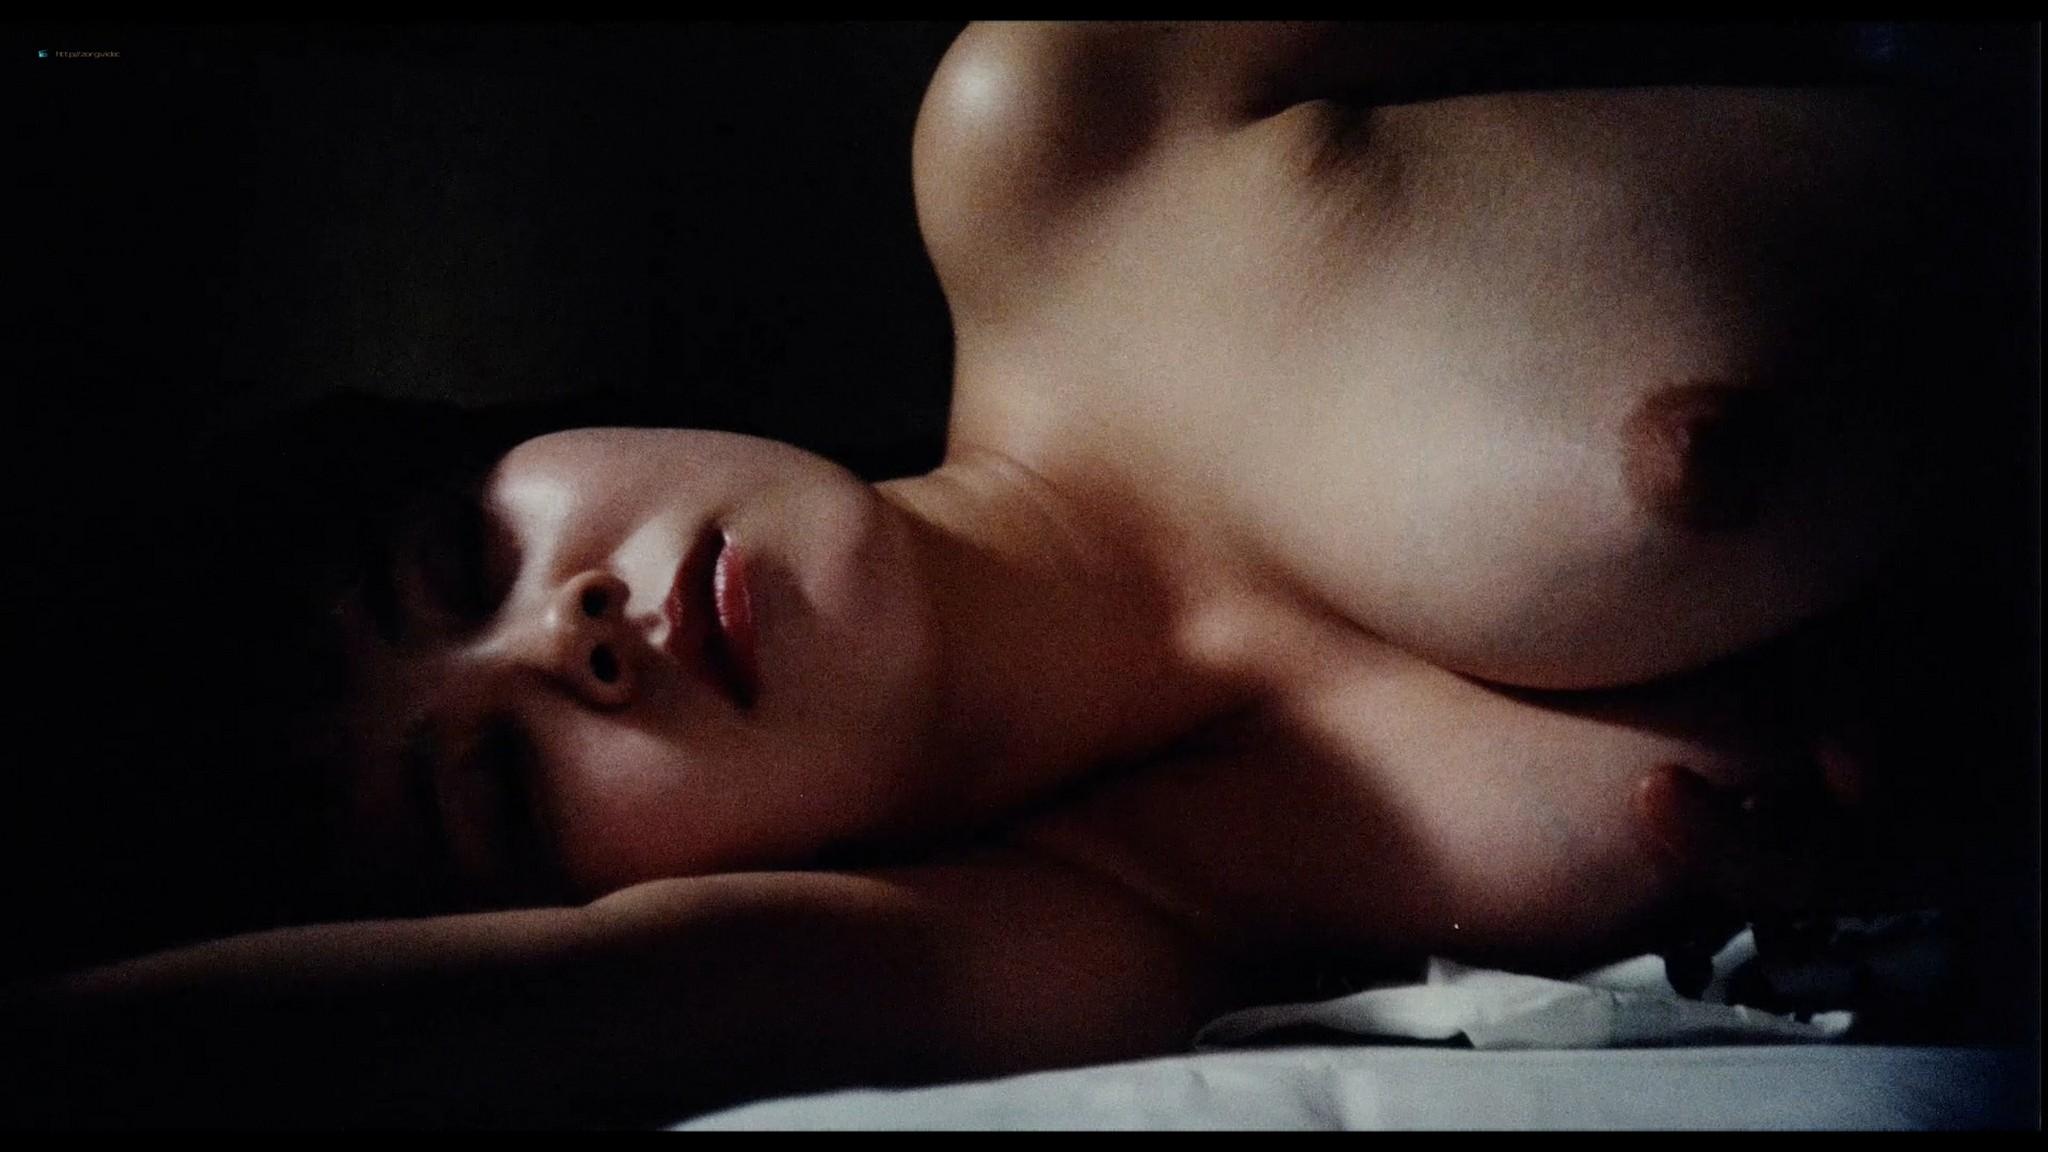 Miki Yamaji nude sex Kaoru Kaze and others nude - Abnormal Family (1984) HD 1080p BluRay (16)